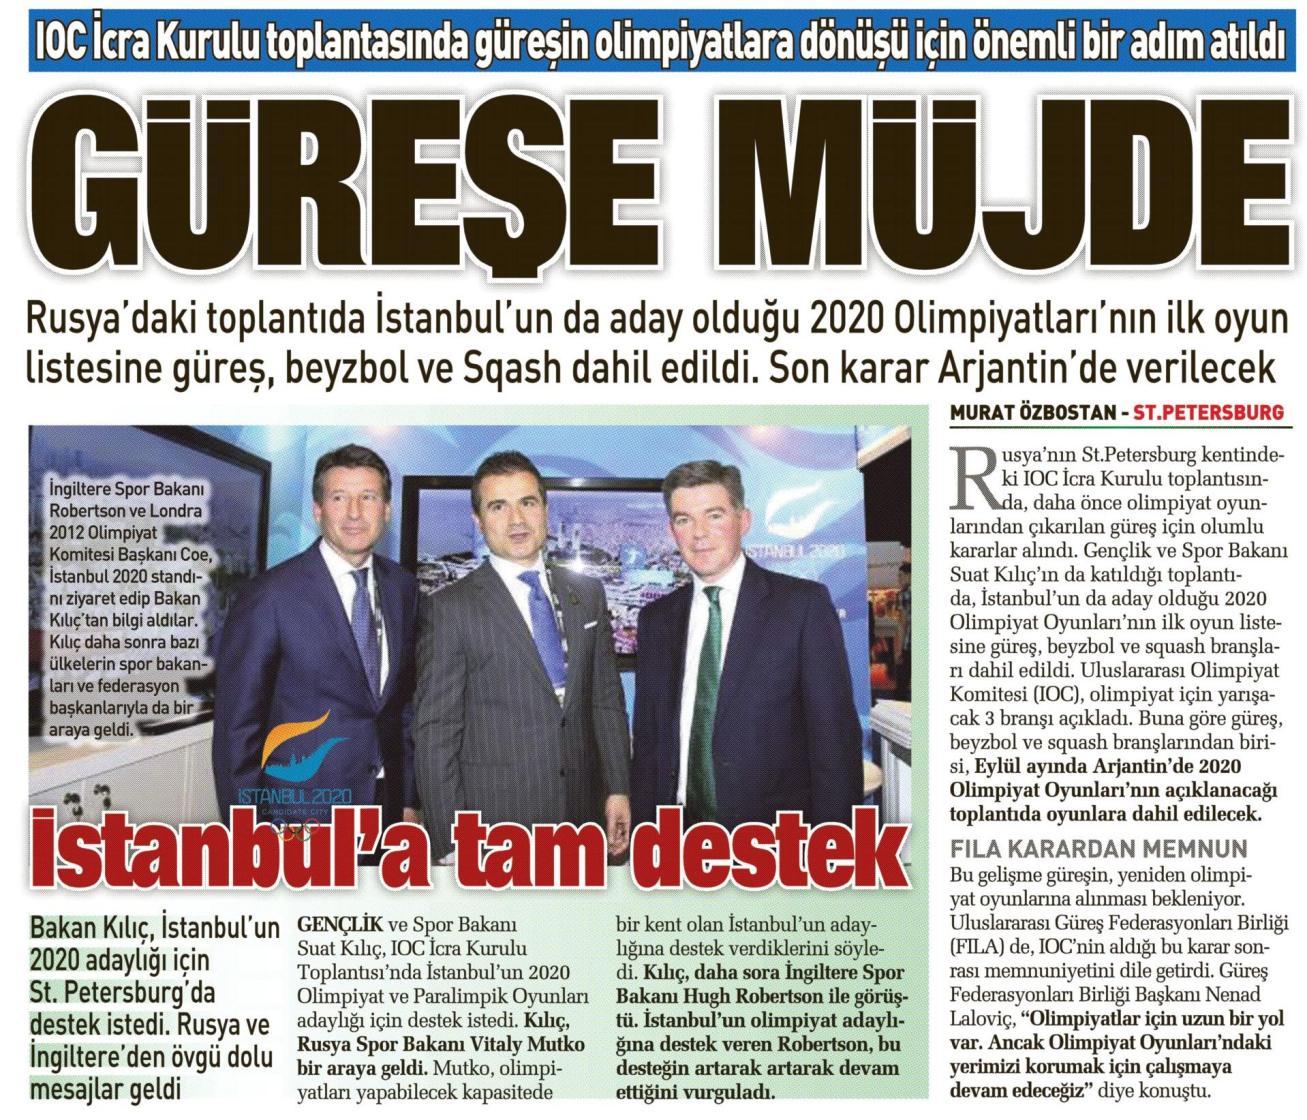 Olimpiyatlarda Güreş Müjdesi..İstanbul'un da aday şehir olduğu 2020 Olimpiyat Oyunları'nın ilk oyun listesine Güreşte dahil edildi.